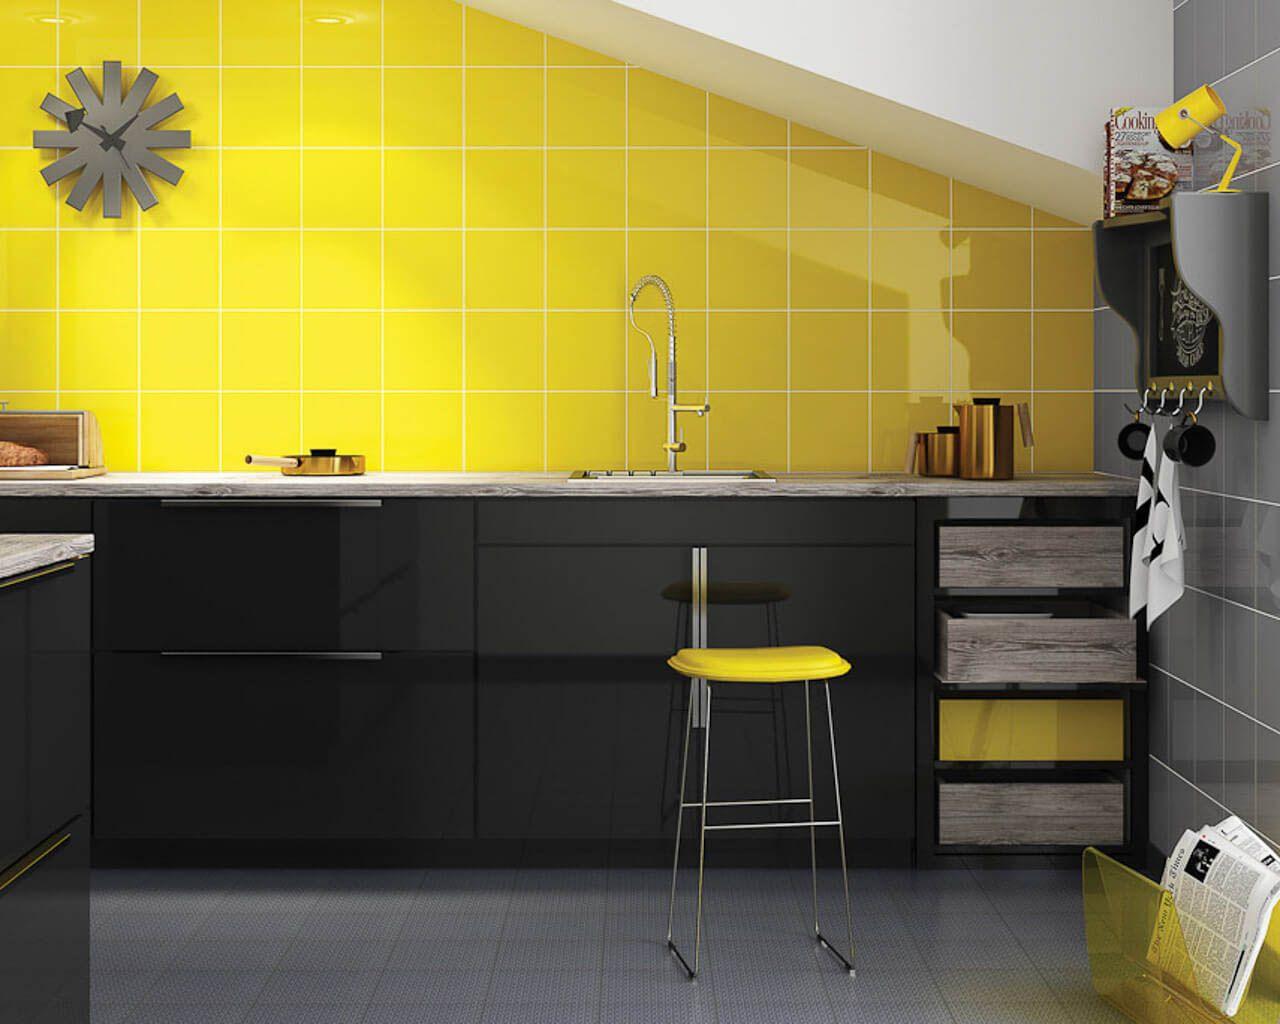 Moderne, gelb-graue Küche mit Schräge | Ceramika Paradyz